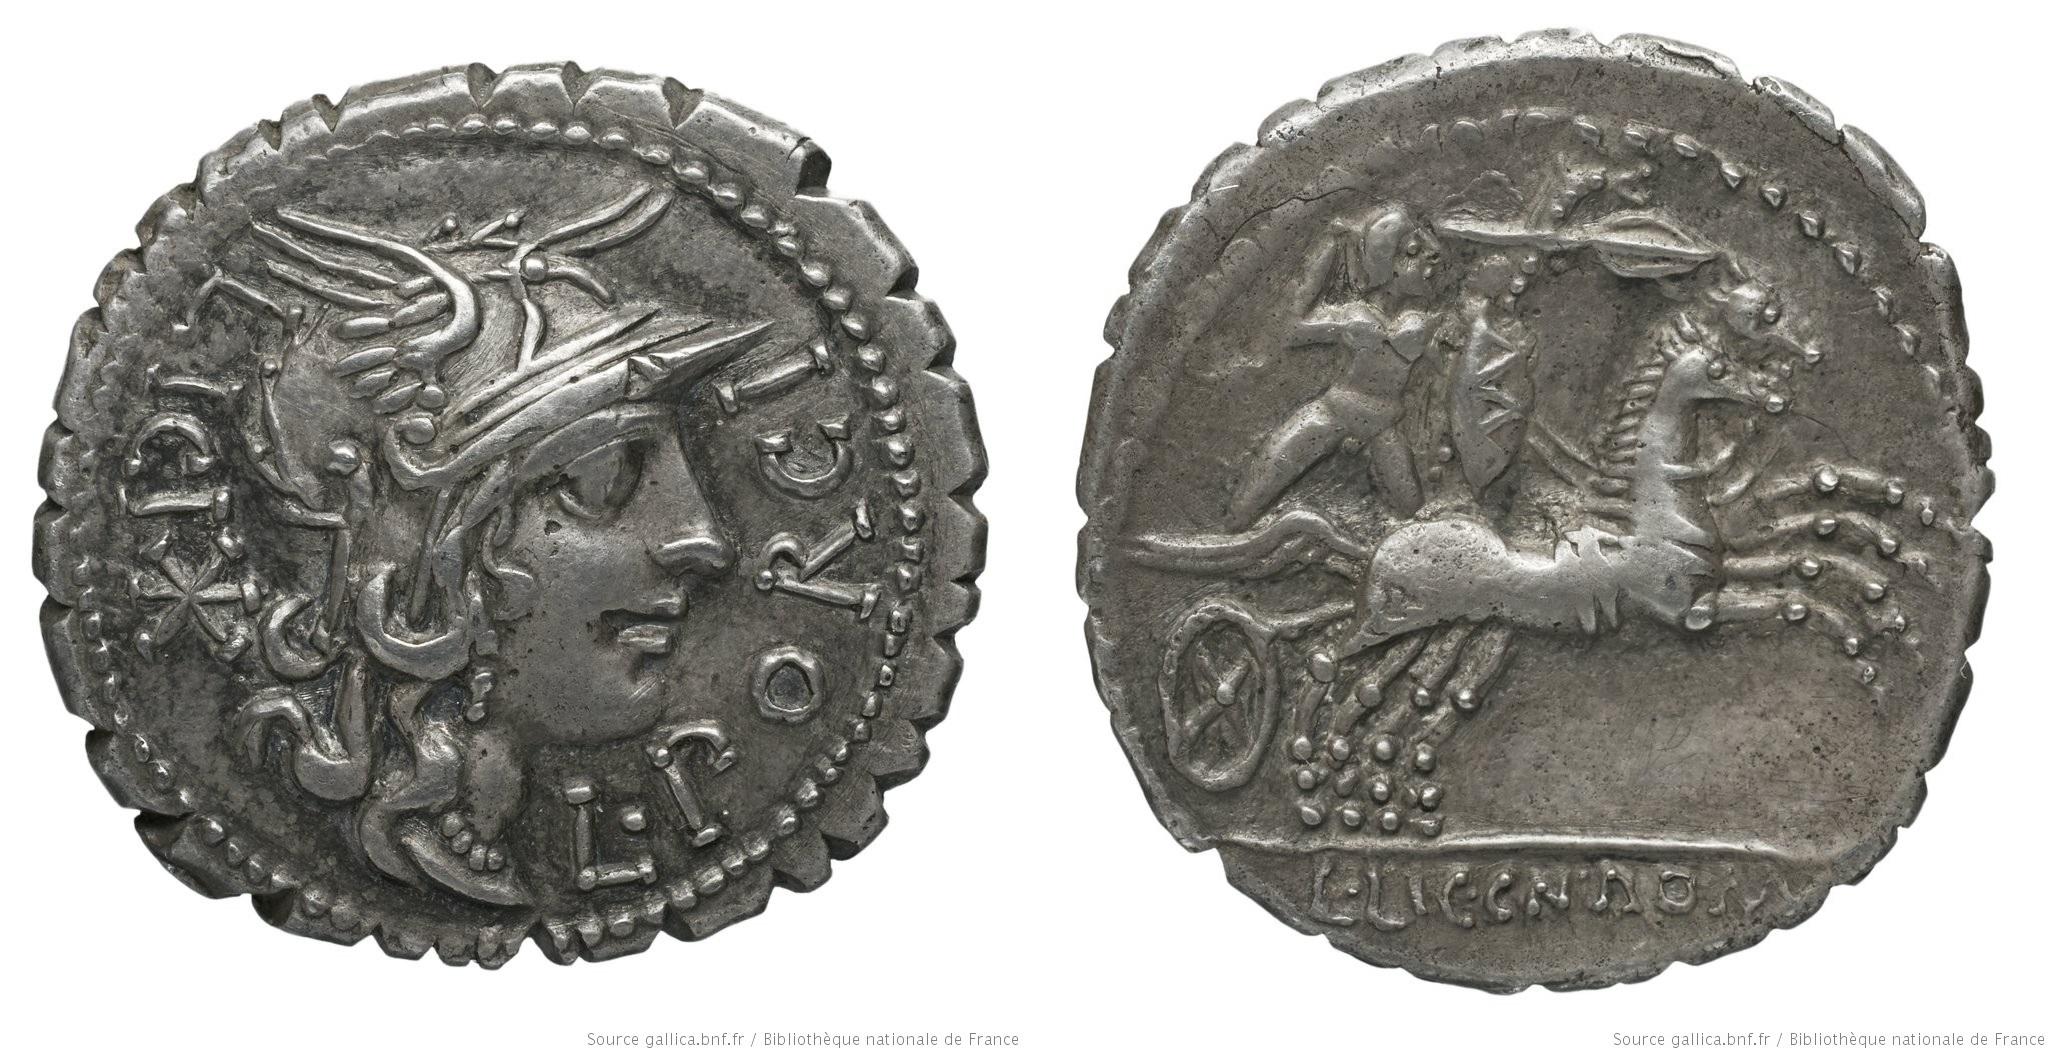 1071PO – Denier Serratus Porcia – Lucius Porcius Licinius